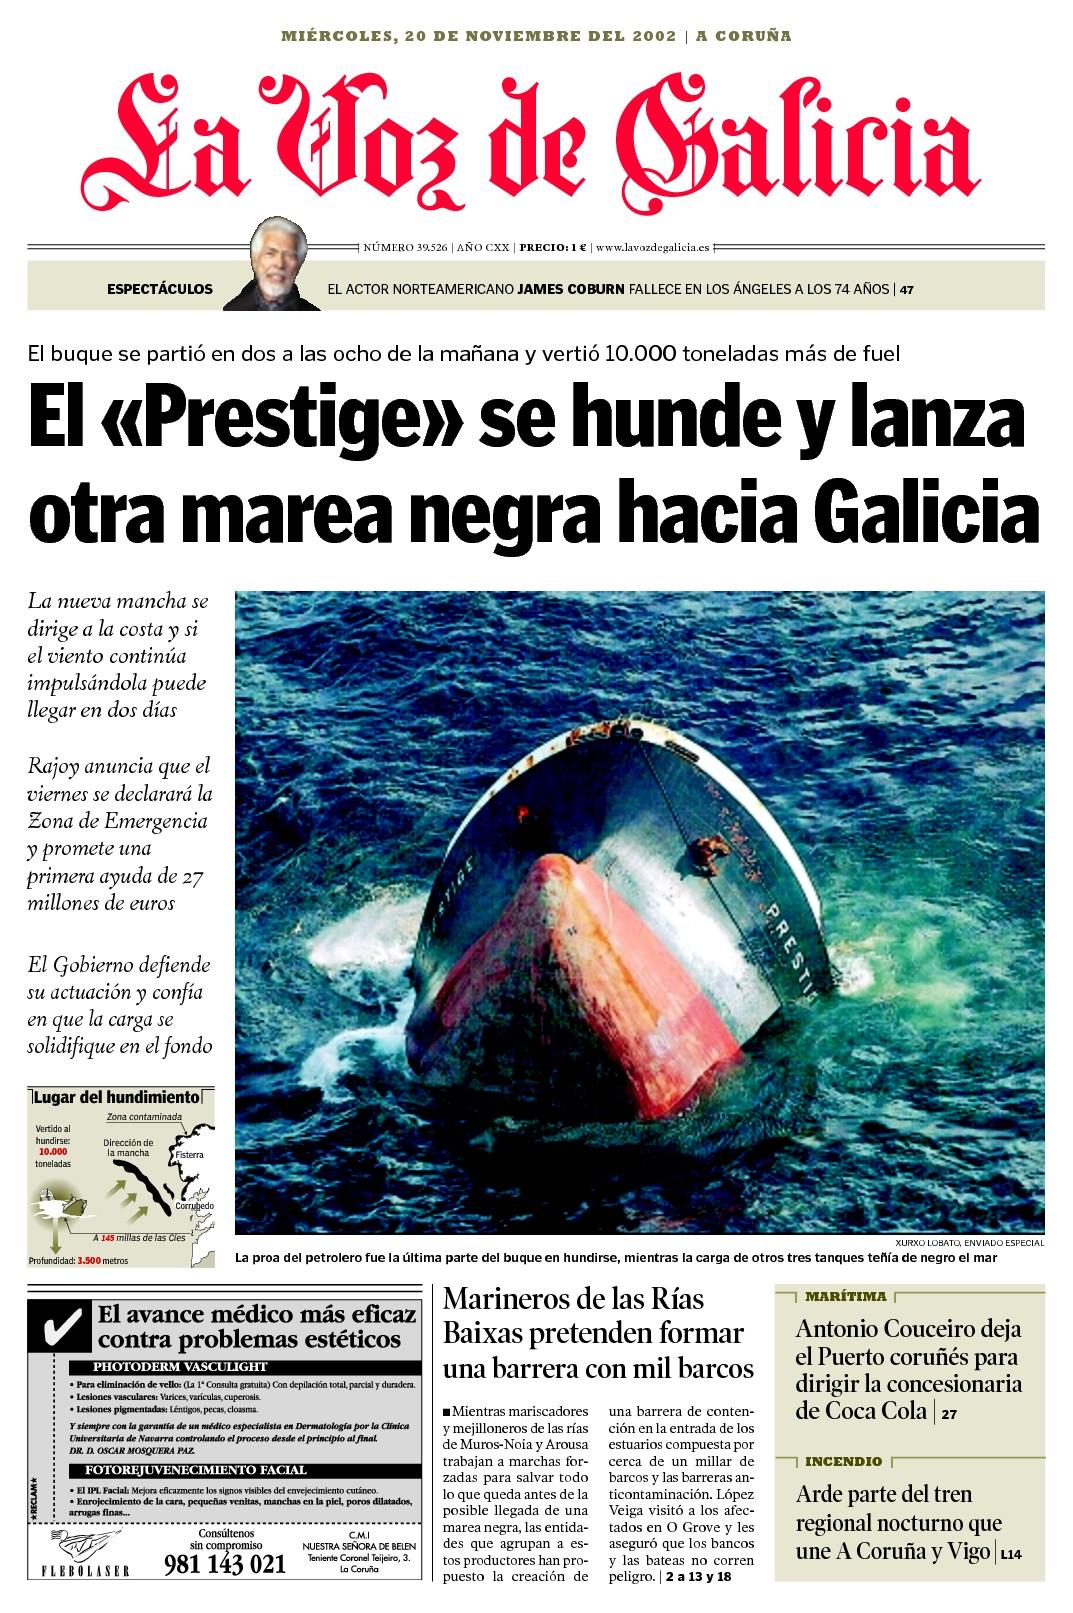 Prestige La Vozde Galicia